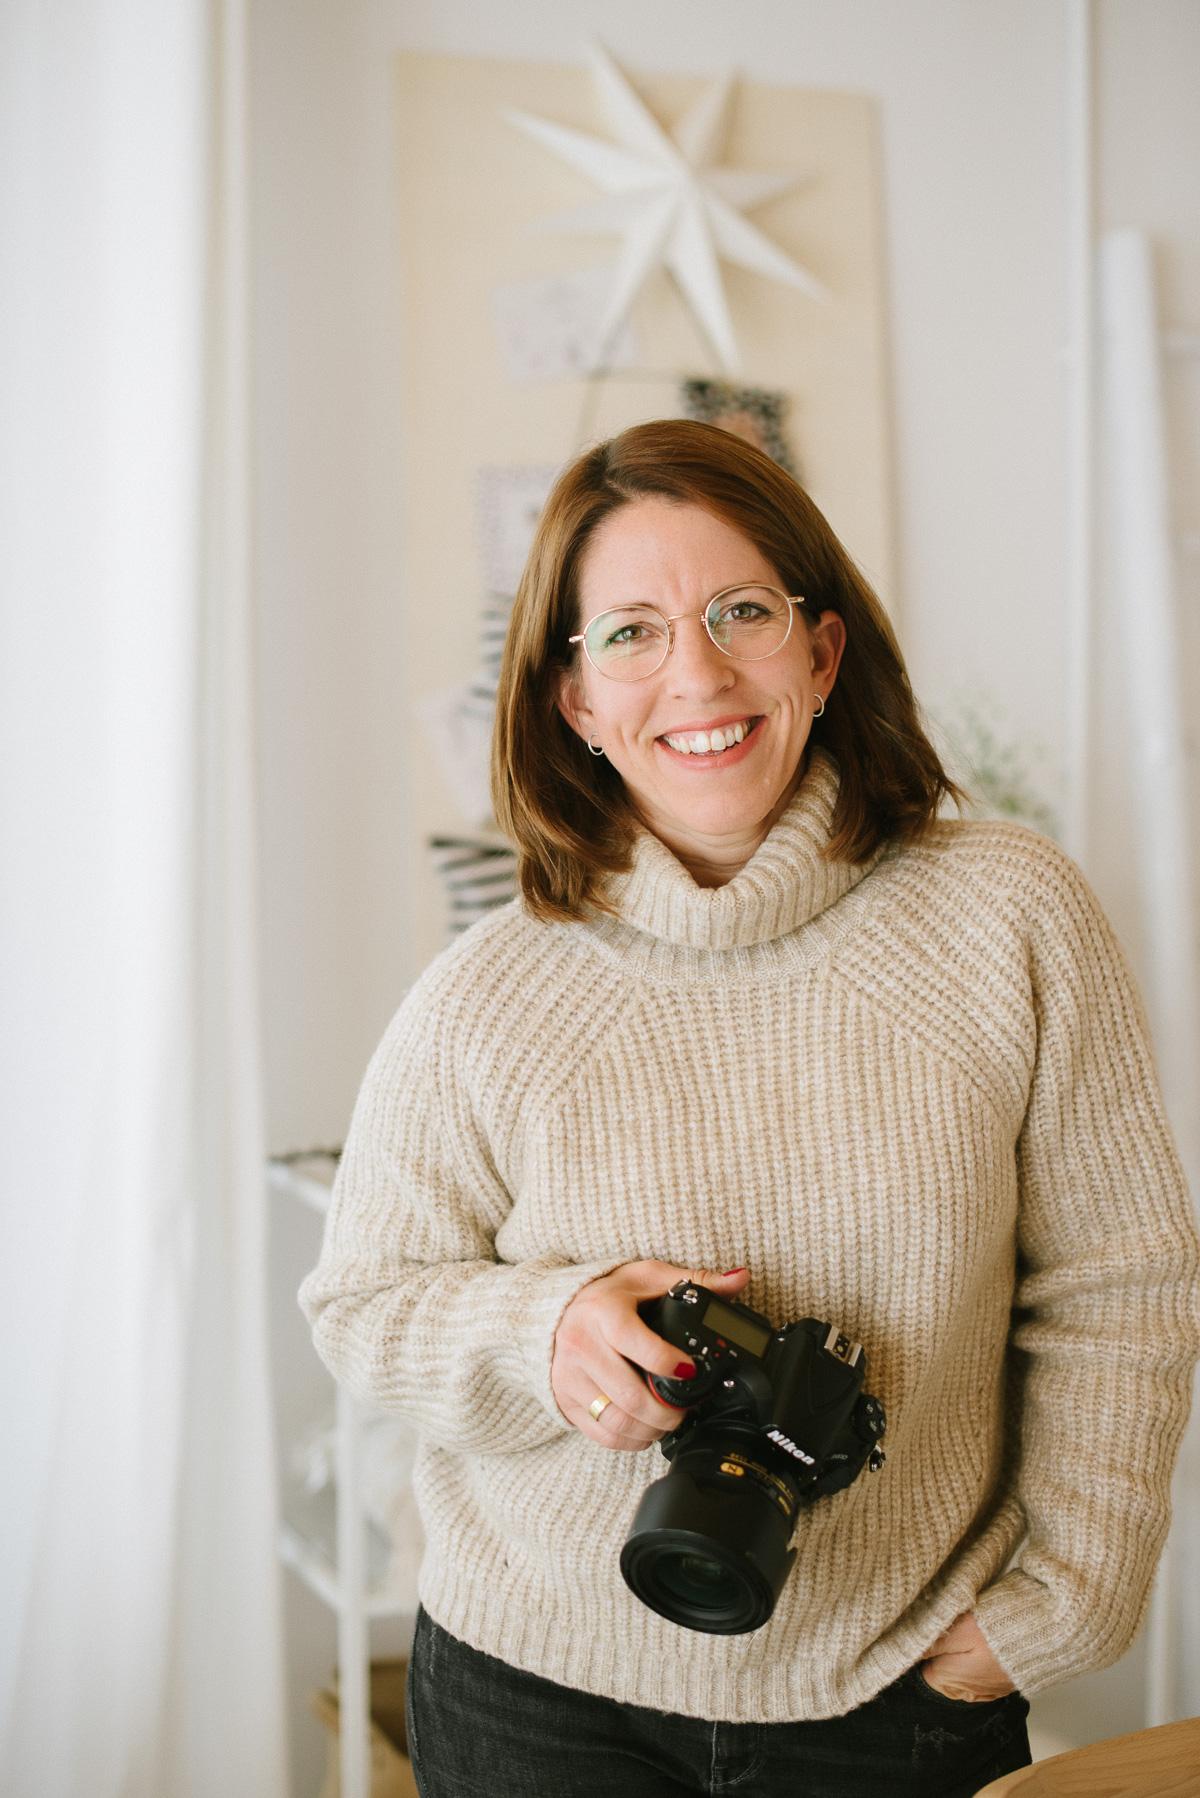 Katja Heil mit Kamera